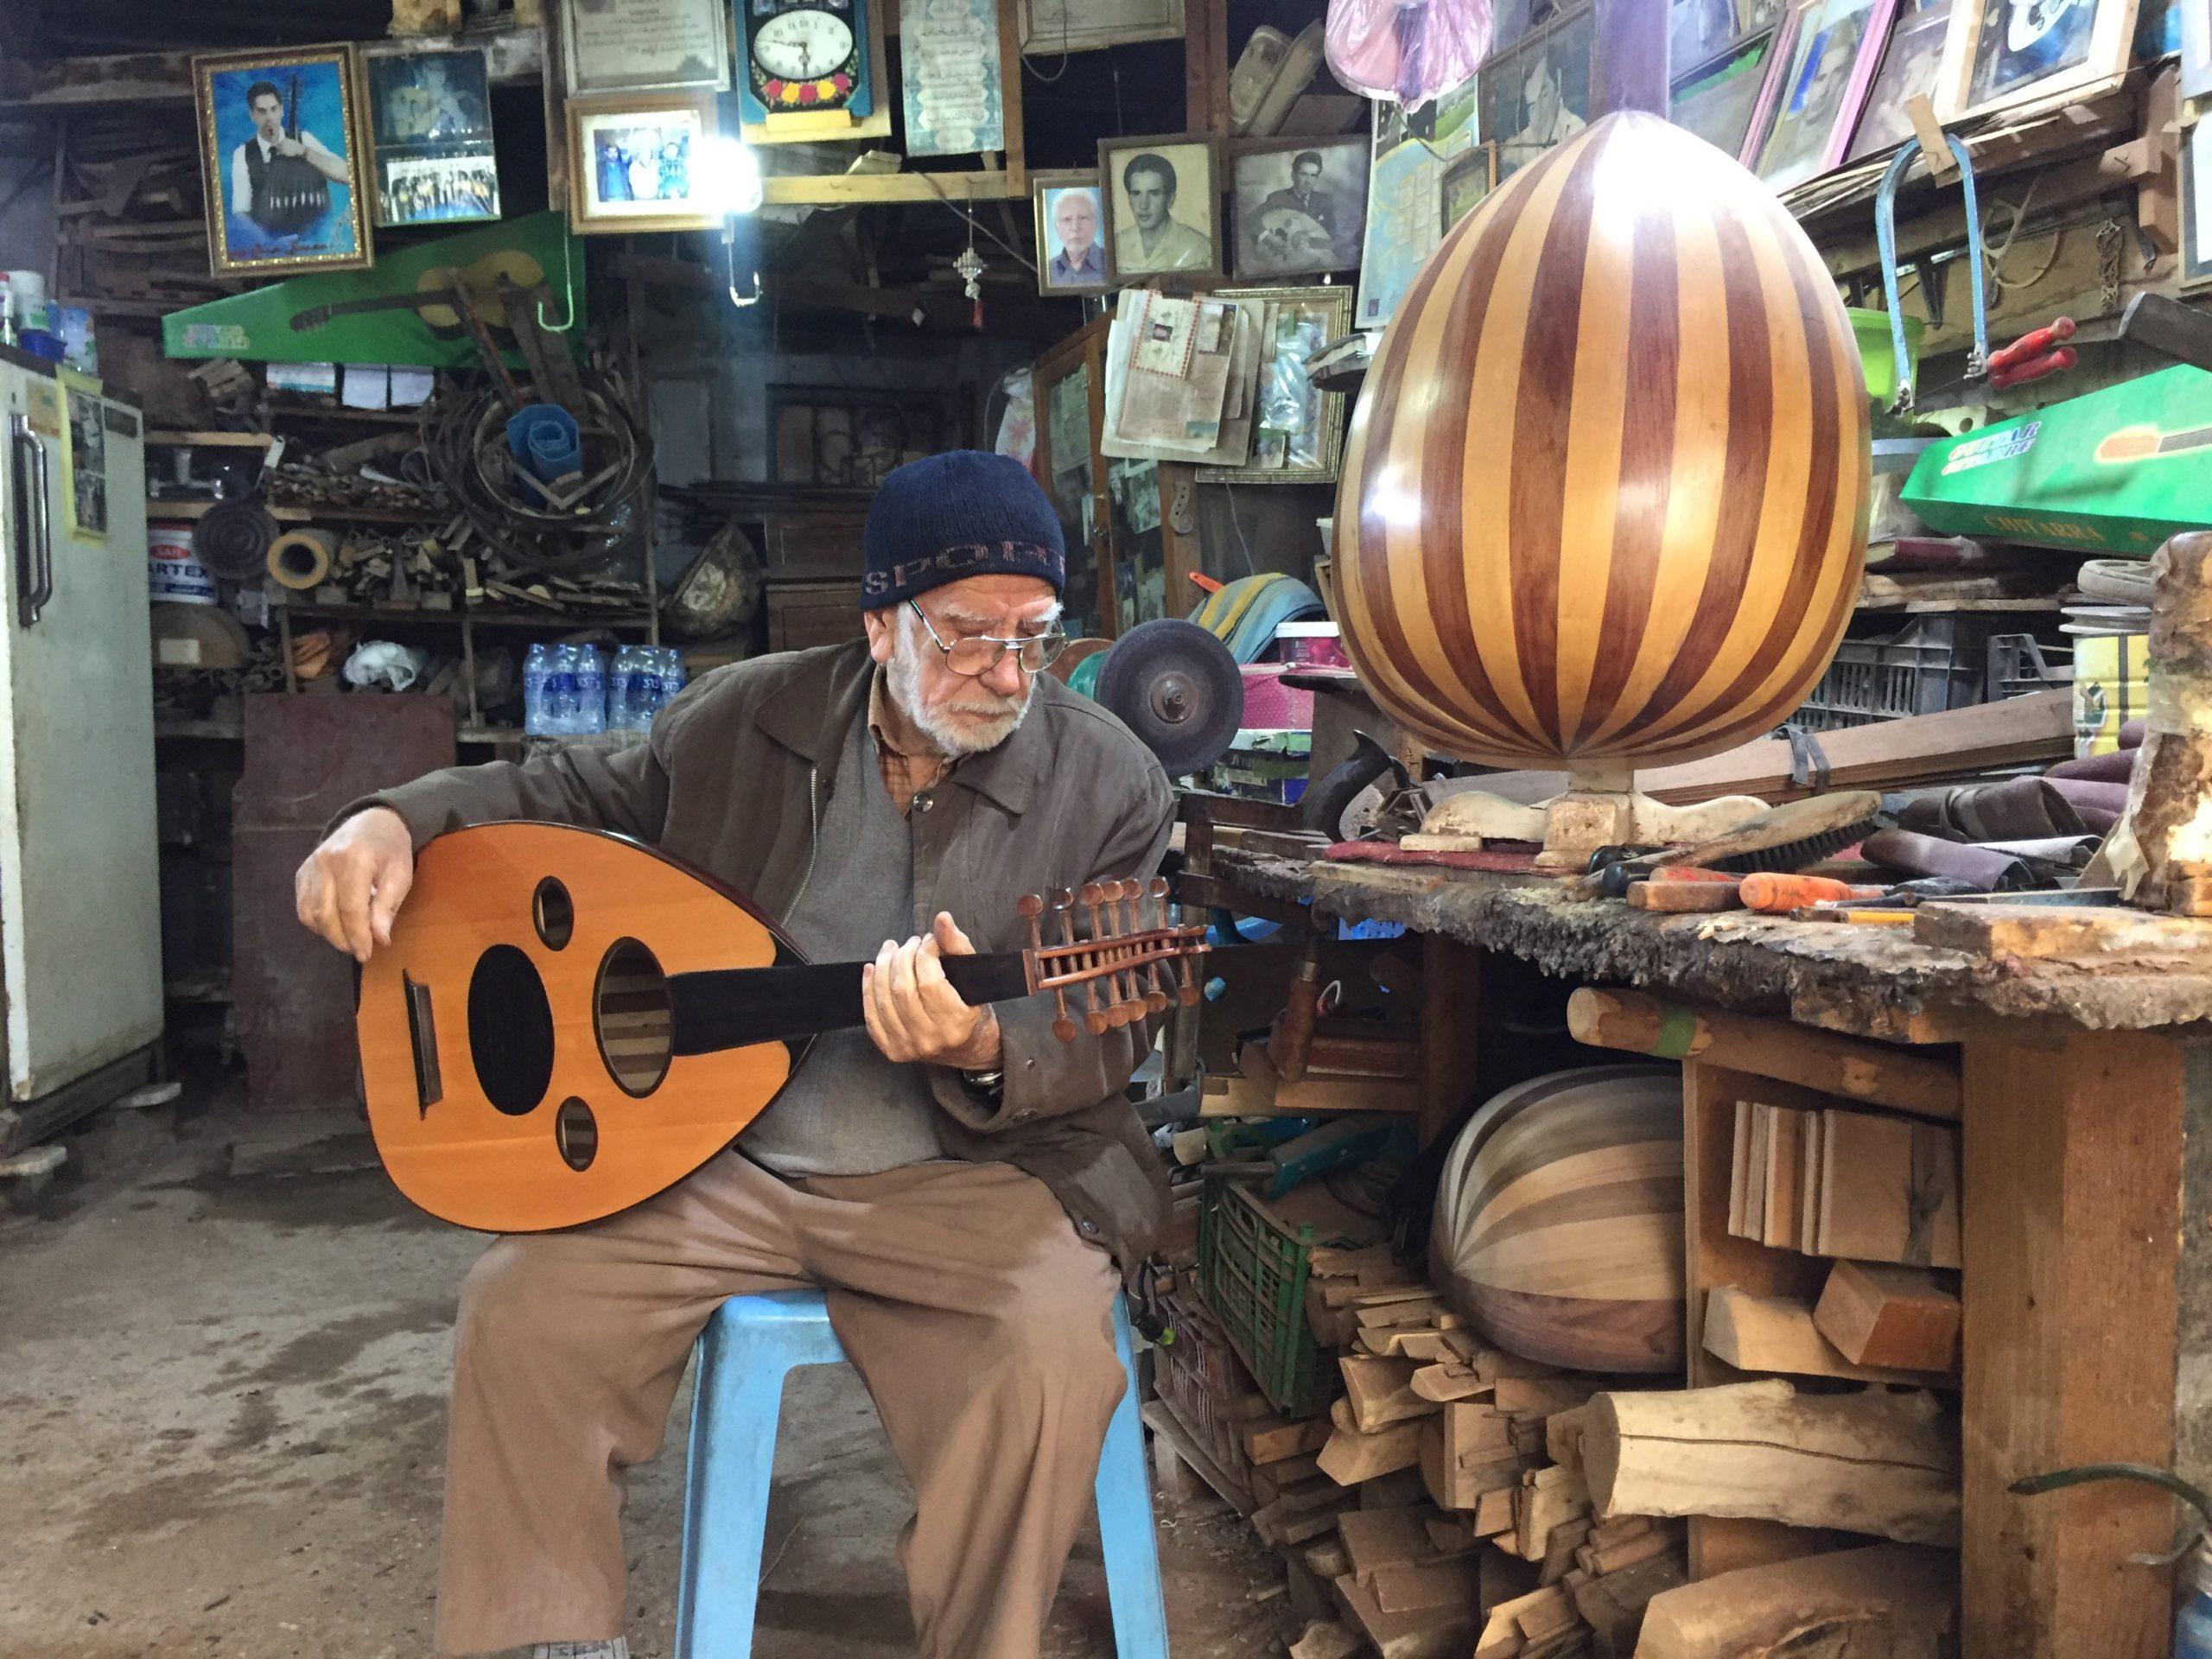 صورة بيت العود: دكانة الطين التي انتجت آلة سحرية عزفت عليها انامل المشاهير